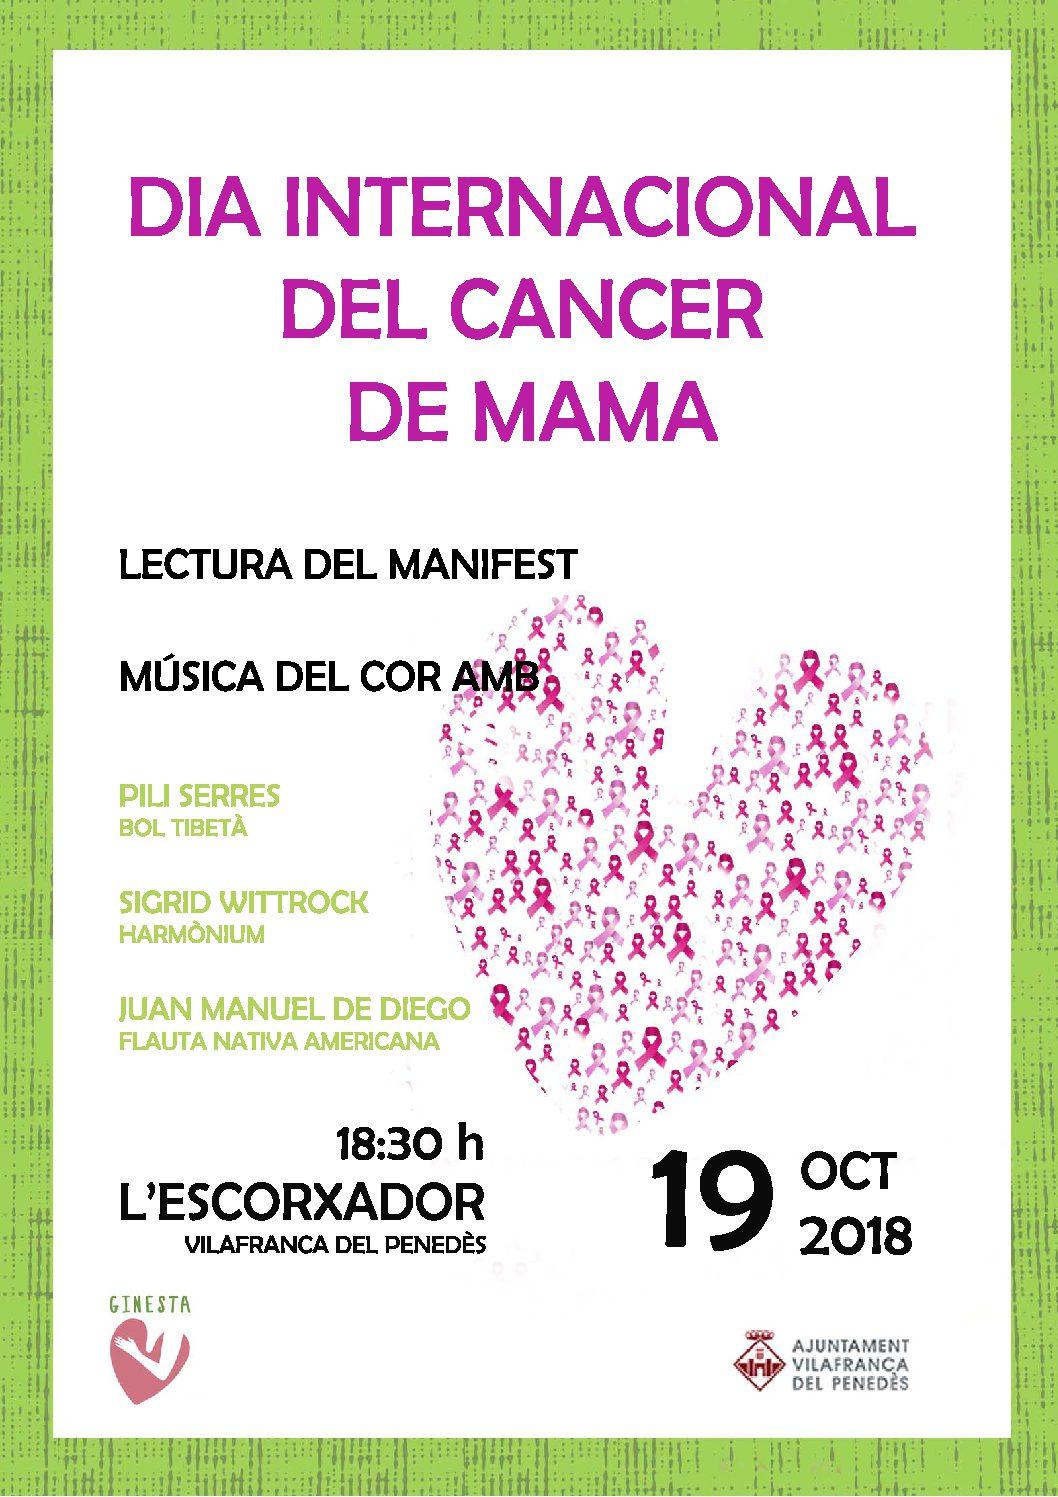 19 d'octubre – DIA INTERNACIONAL DEL CANCER DE MAMA